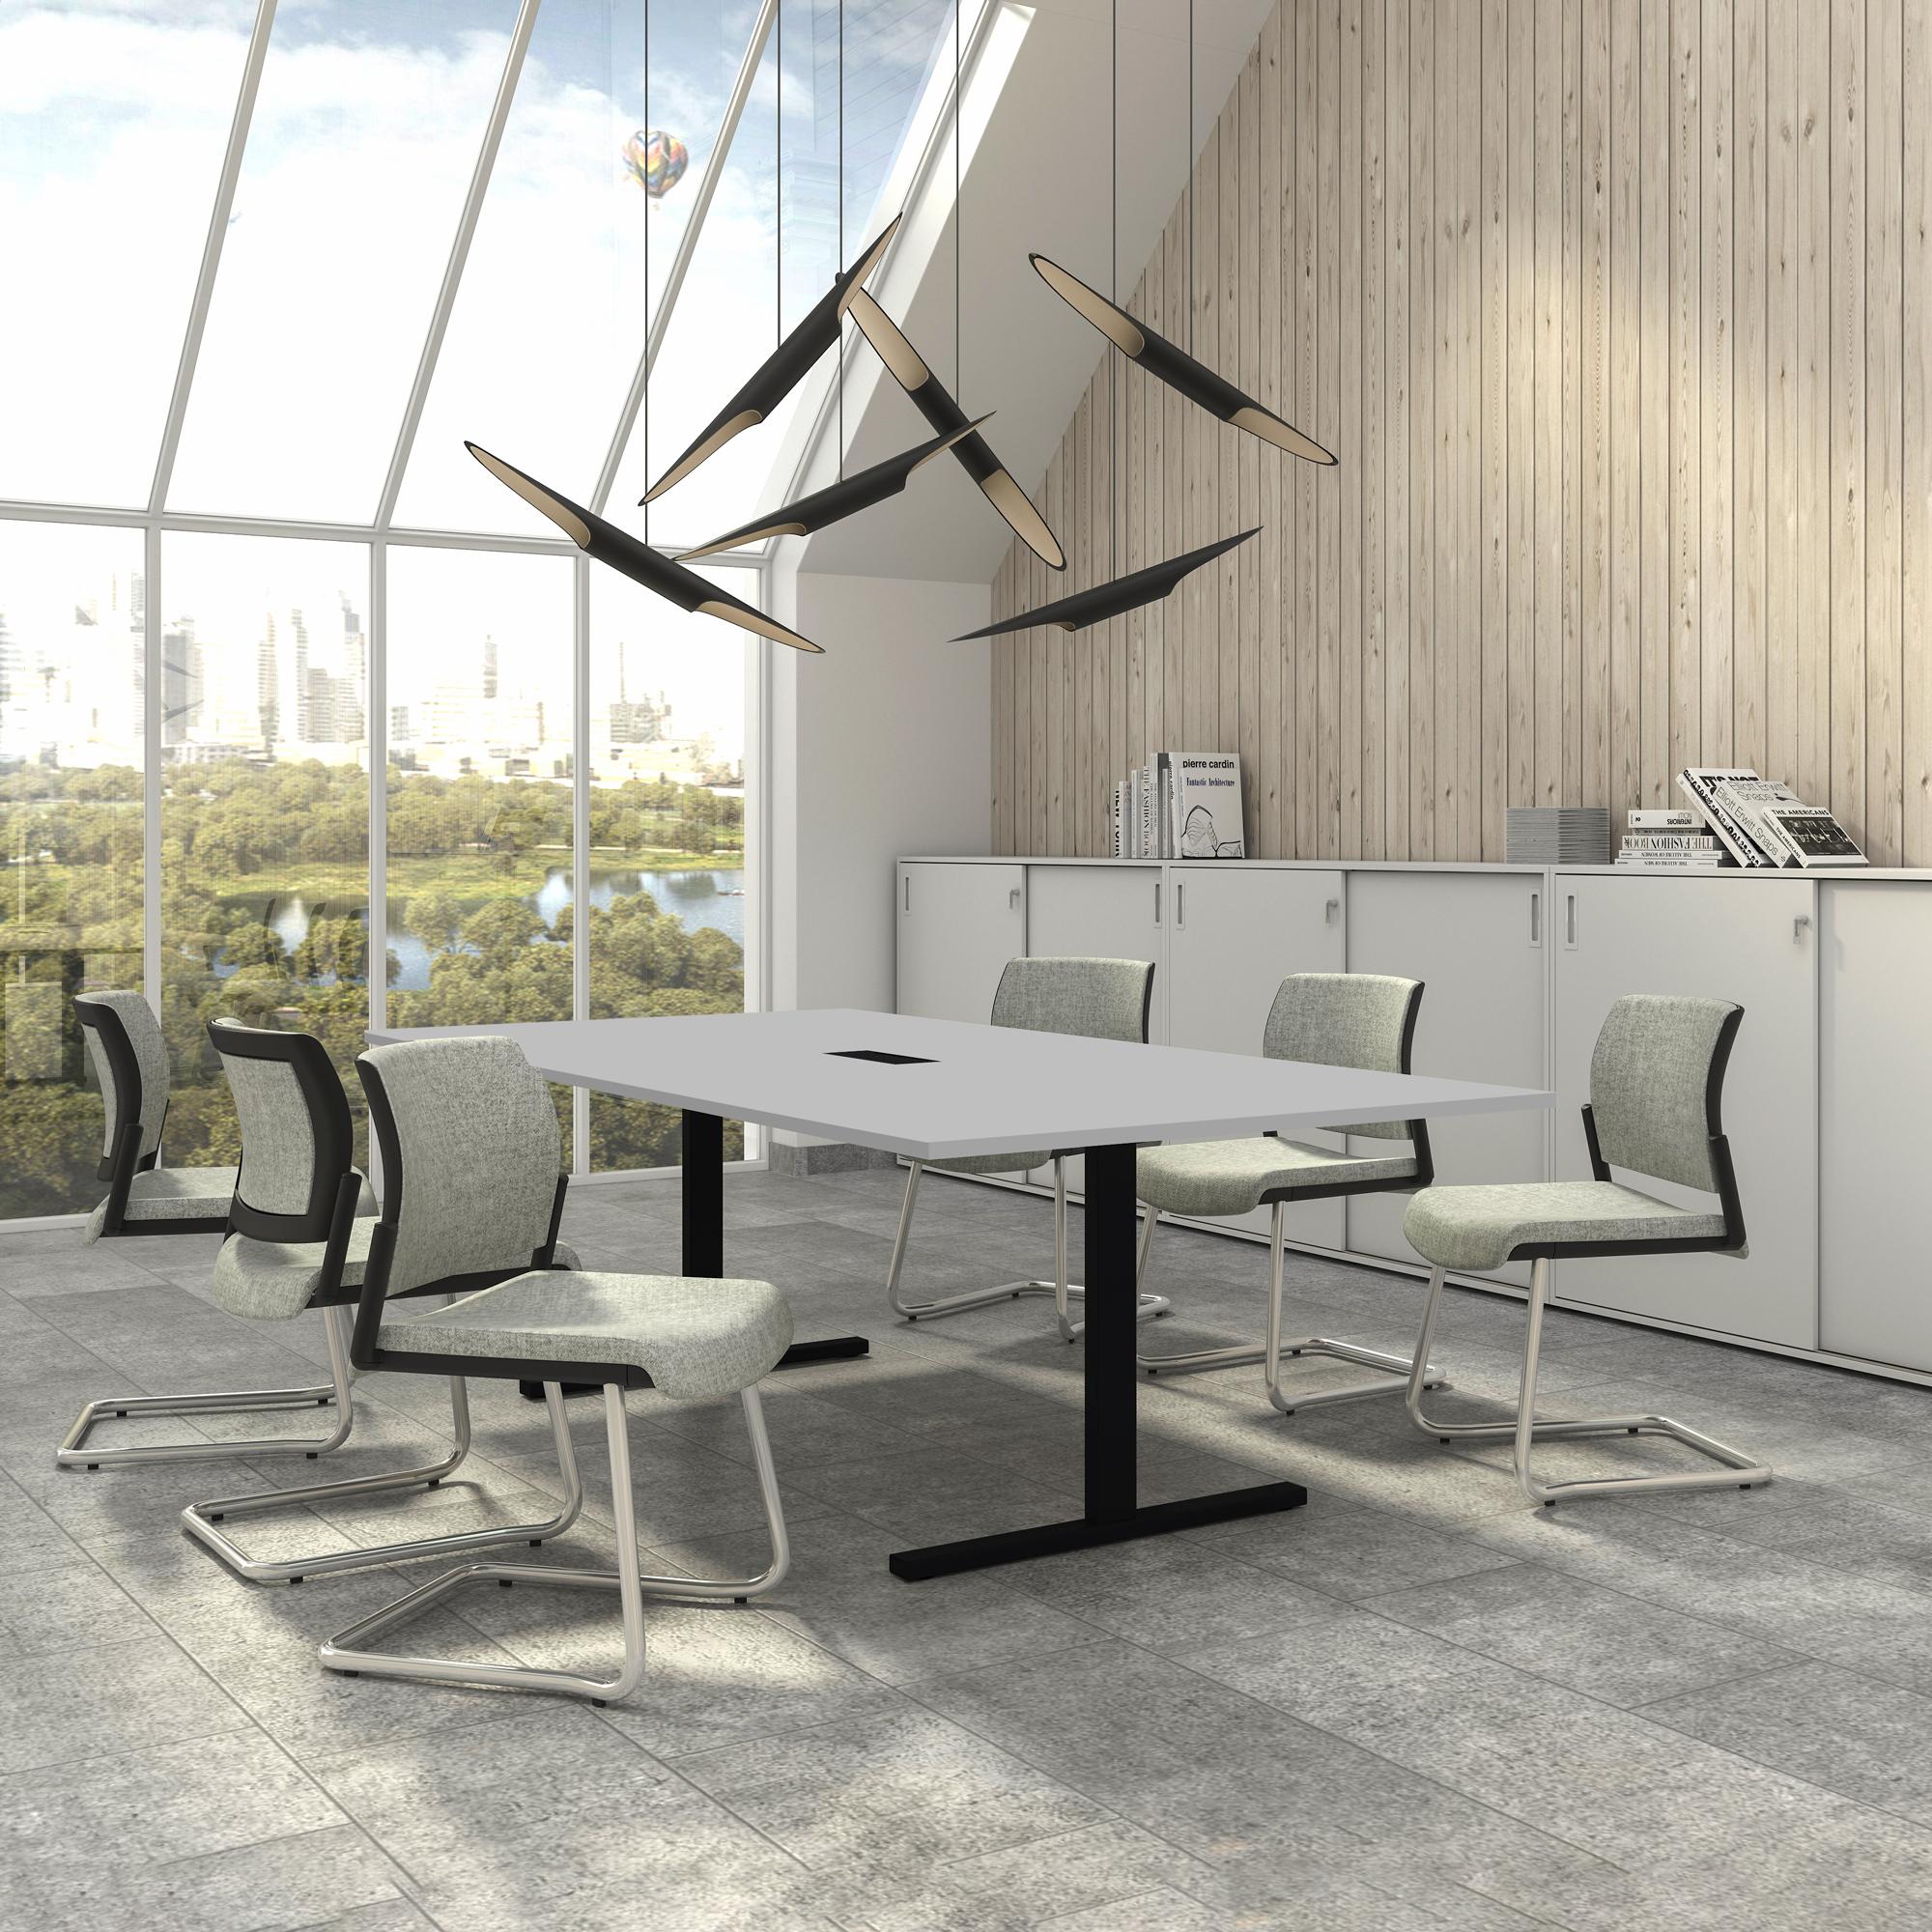 EASY Konferenztisch 240x120 cm Lichtgrau mit ELEKTRIFIZIERUNG Besprechungstisch Tisch